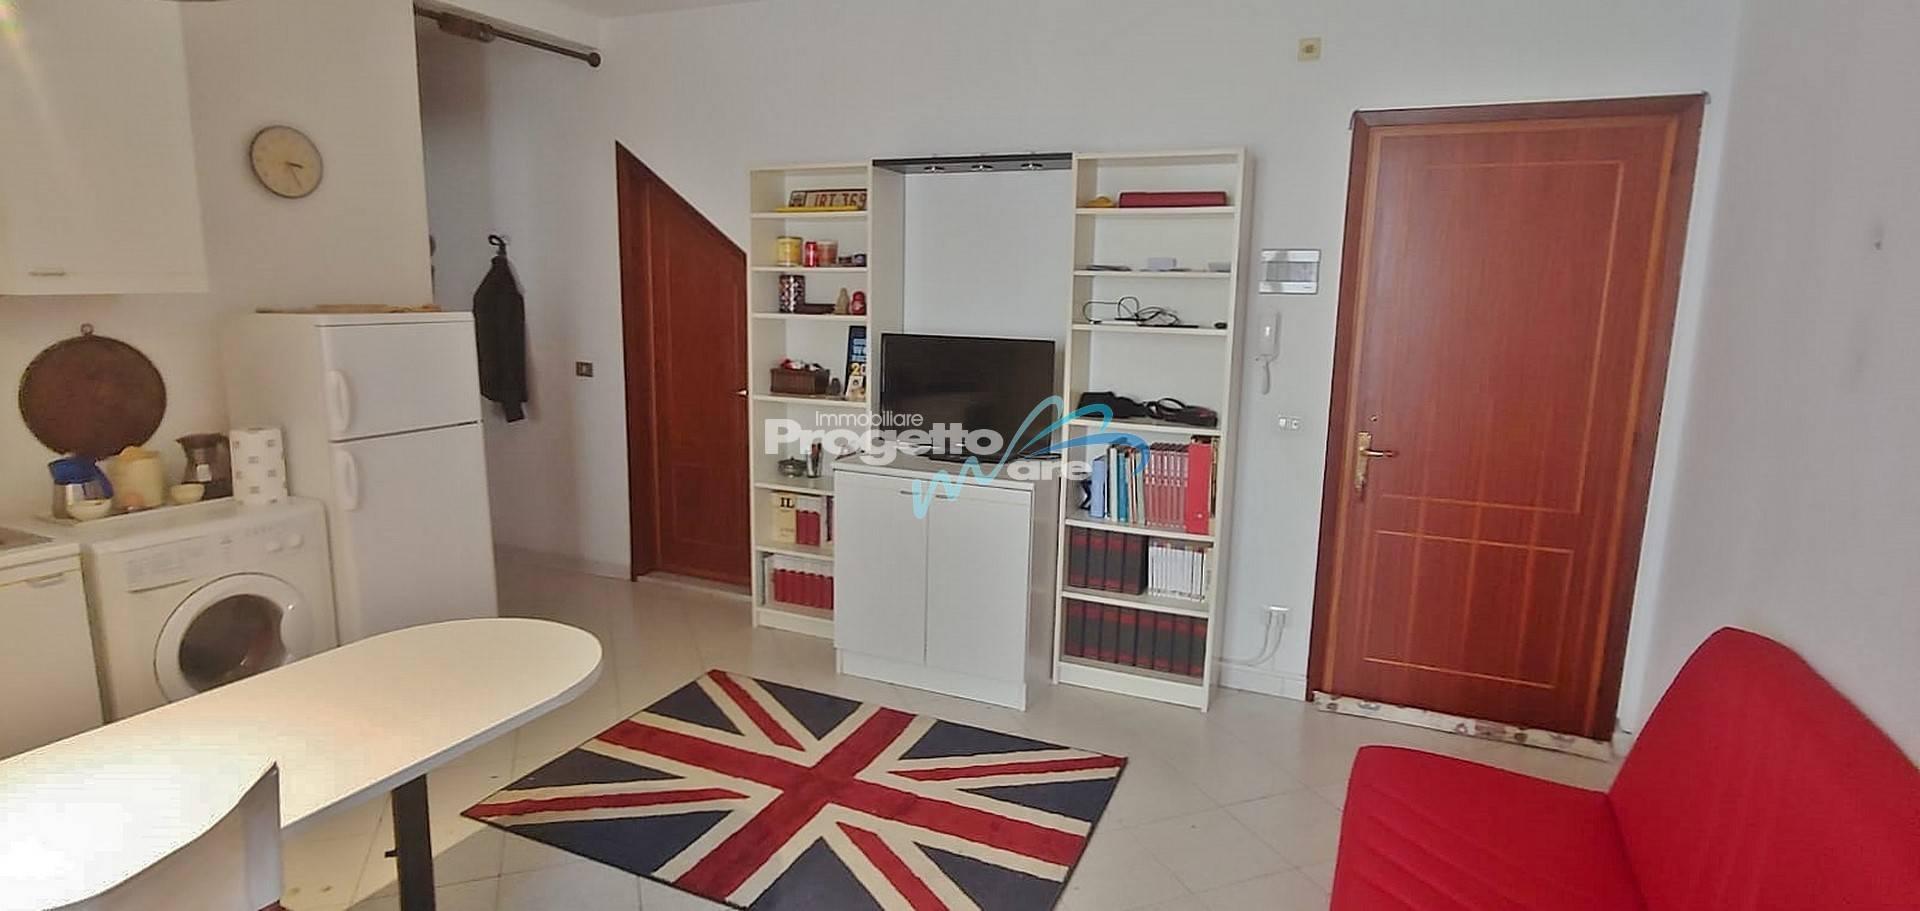 Immobile Turistico in affitto a Pietra Ligure, 3 locali, zona Località: Centrostorico, Trattative riservate | PortaleAgenzieImmobiliari.it